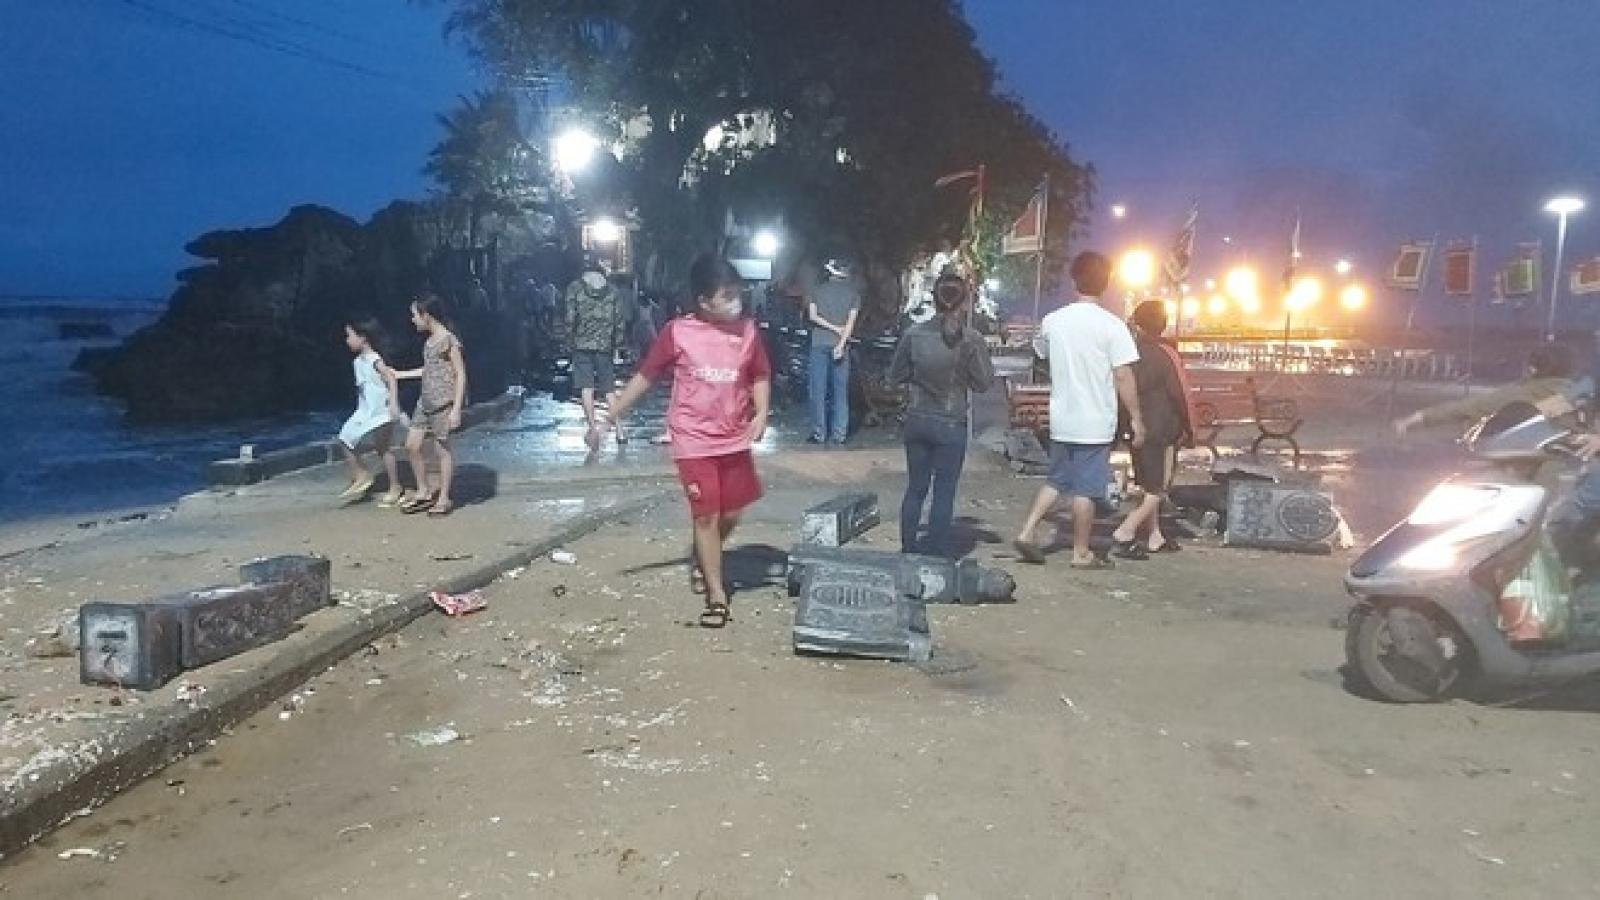 Phú Quốc: Giông lốc gây thiệt hại khu vực di tích Dinh Cậu và nhiều nơi